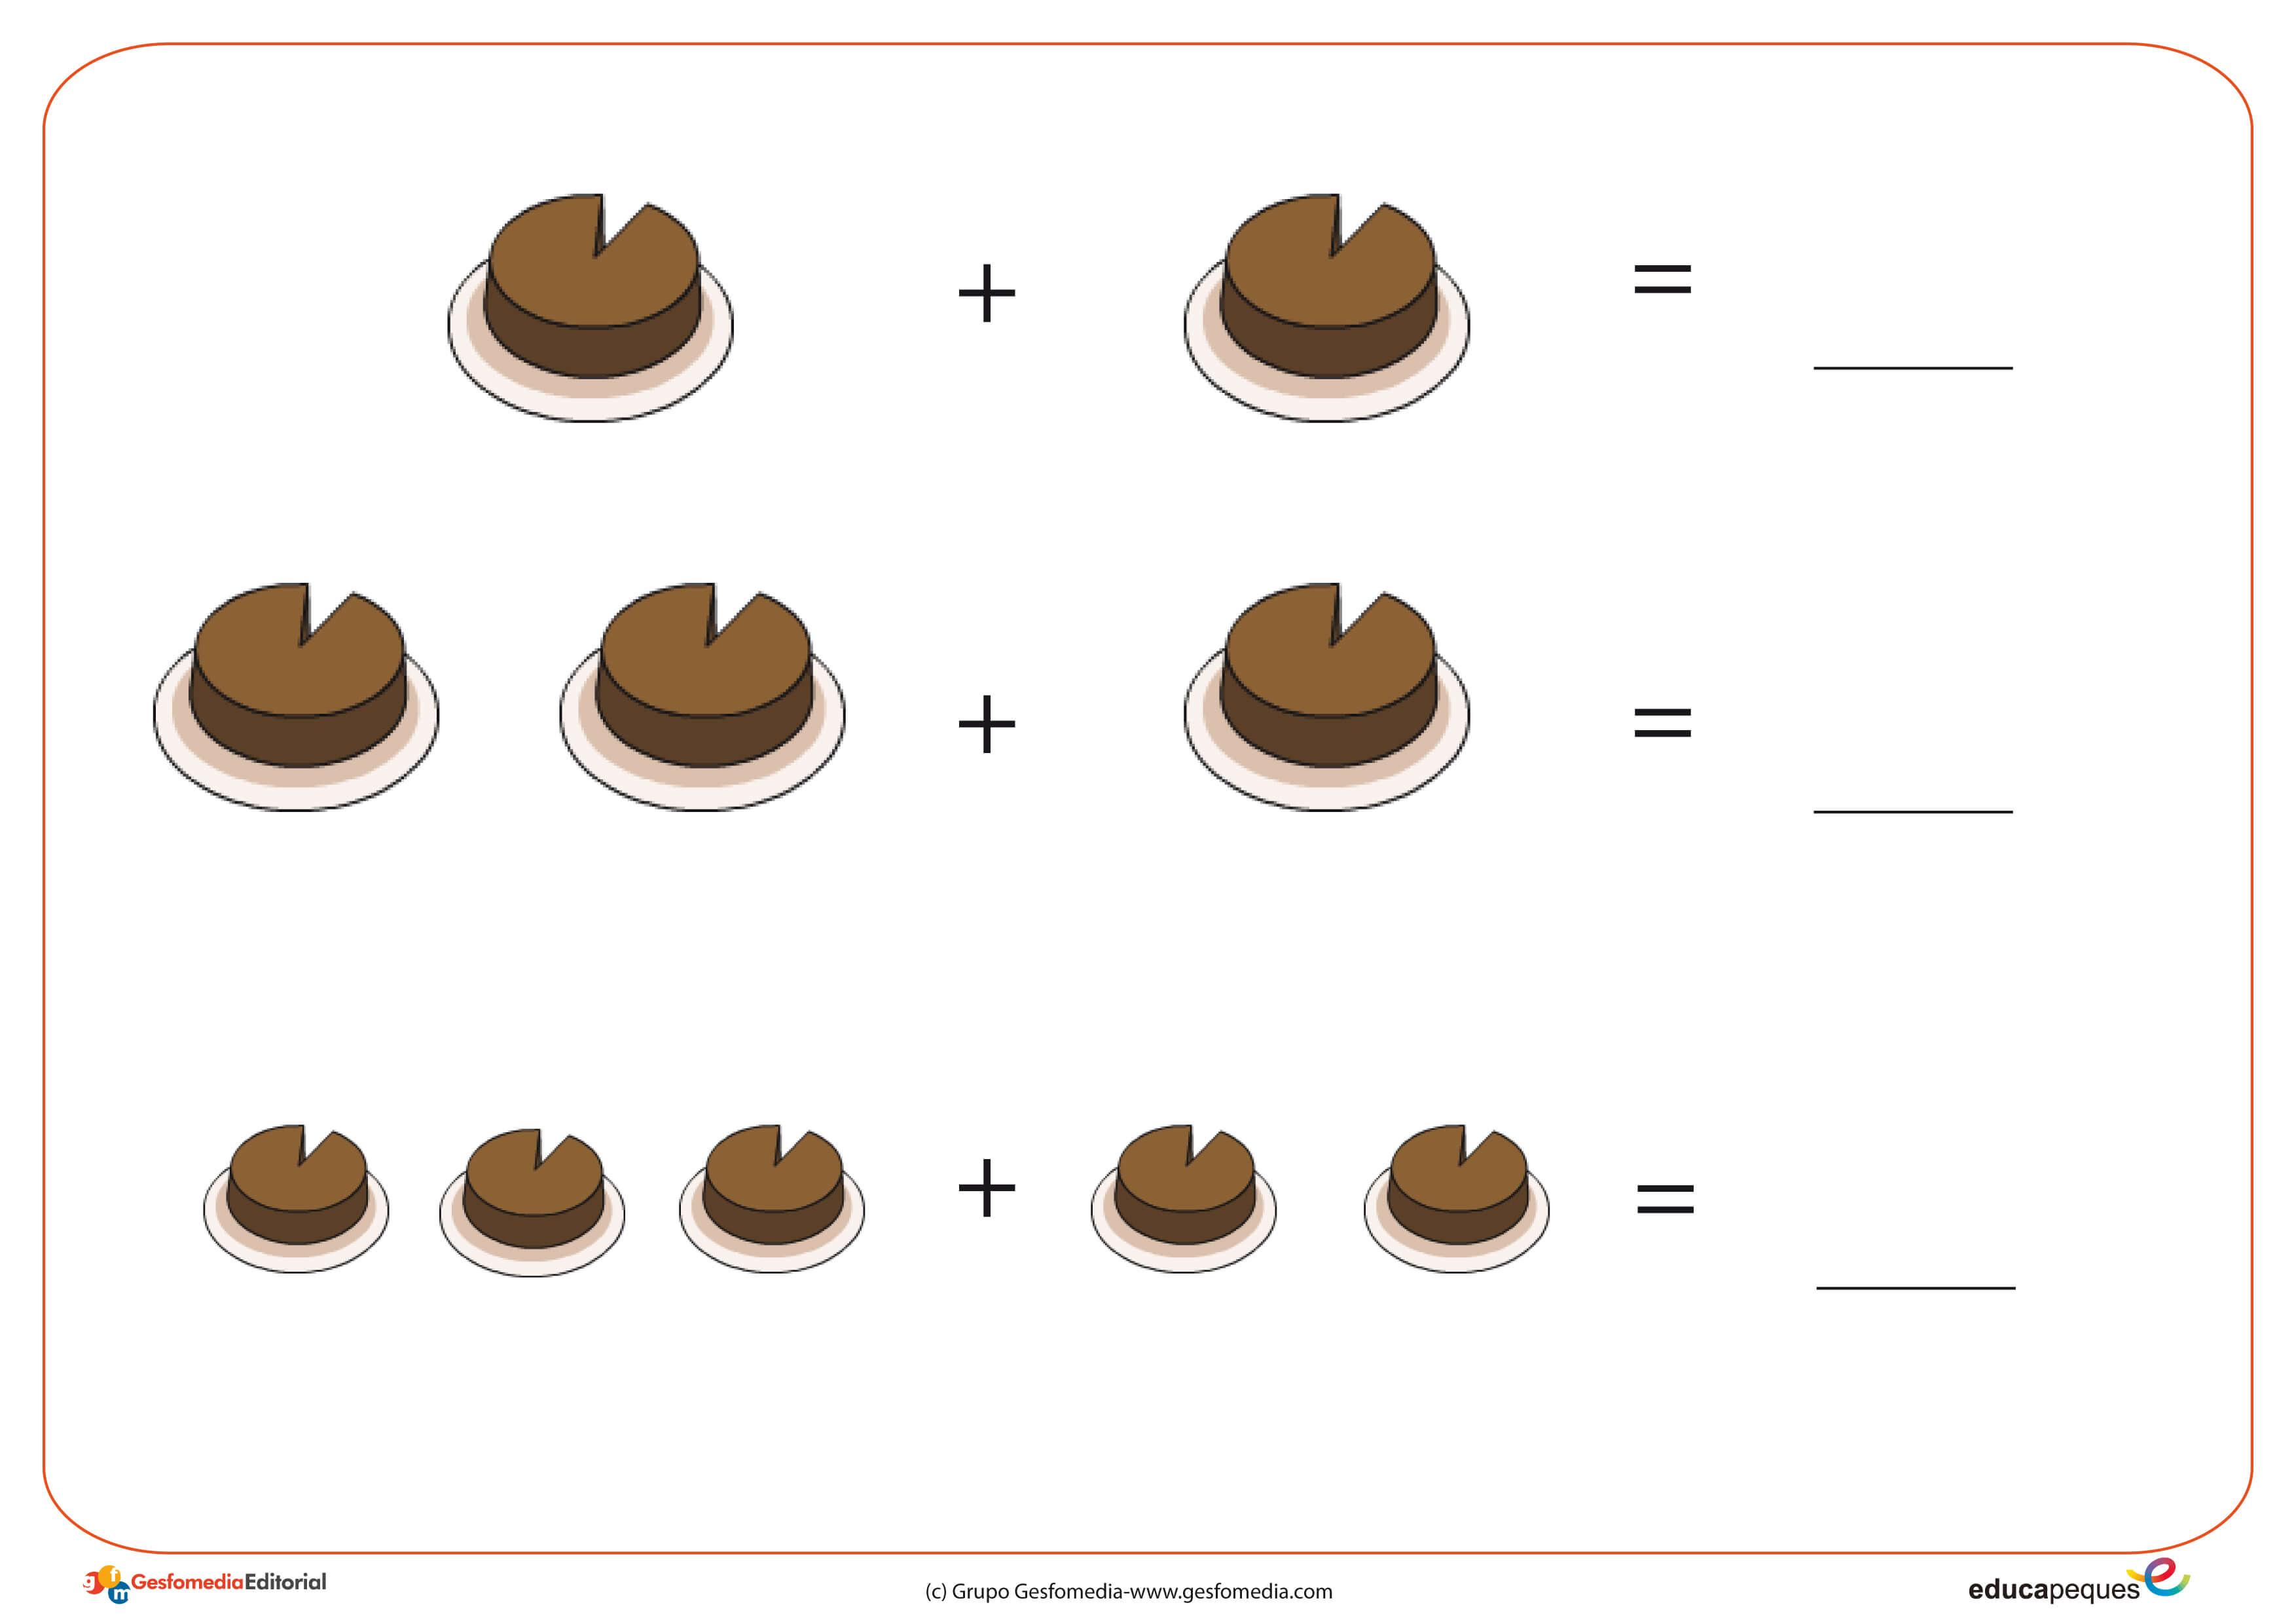 sumar, matematicas, aprender a sumar, repasar matematicas, ejercicios de sumas